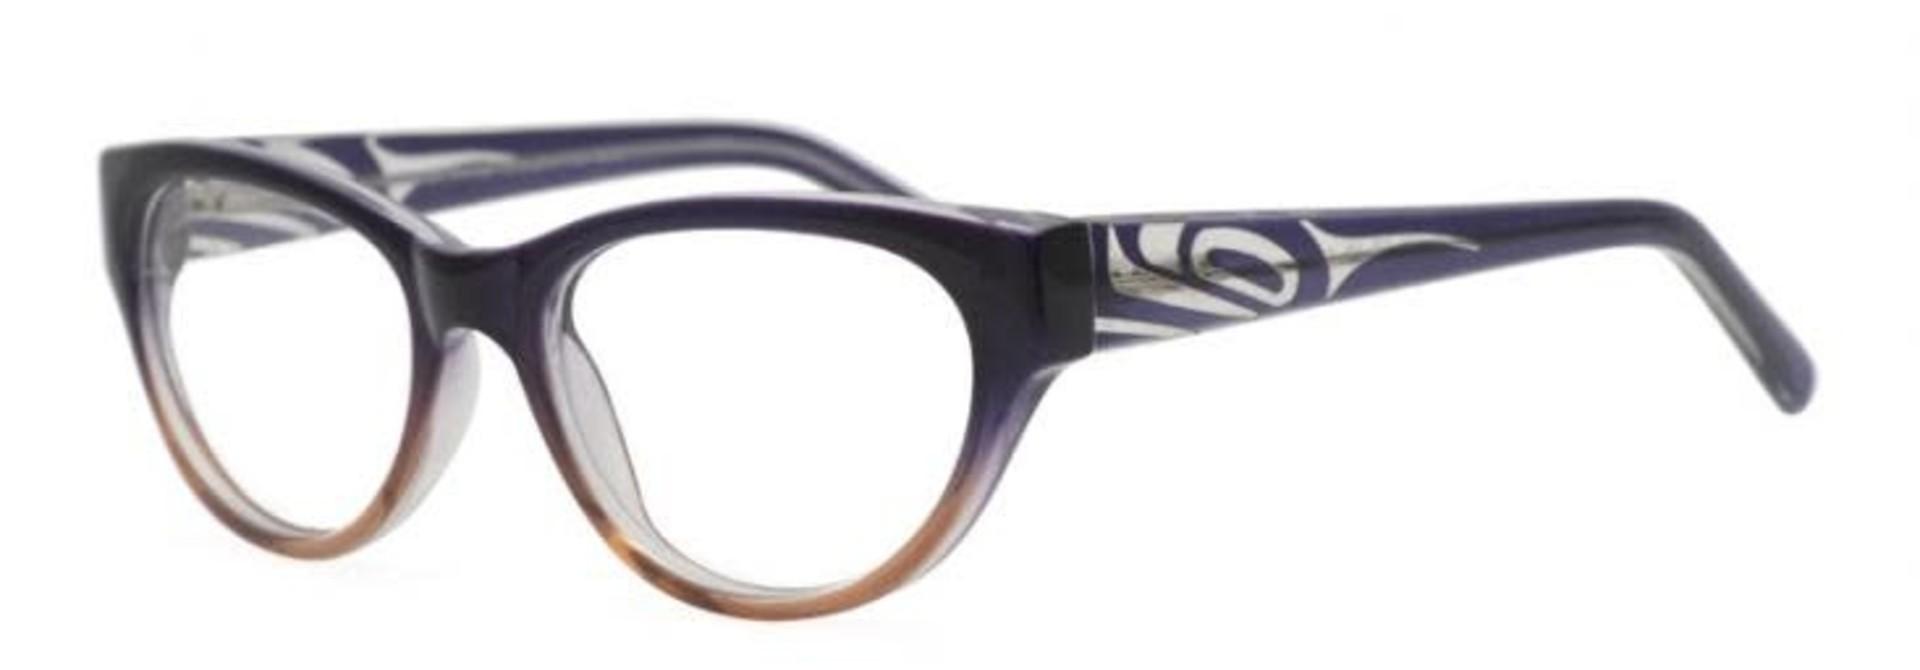 Vera Orca Reading Glasses Orca design by Corrine Hunt 1.50